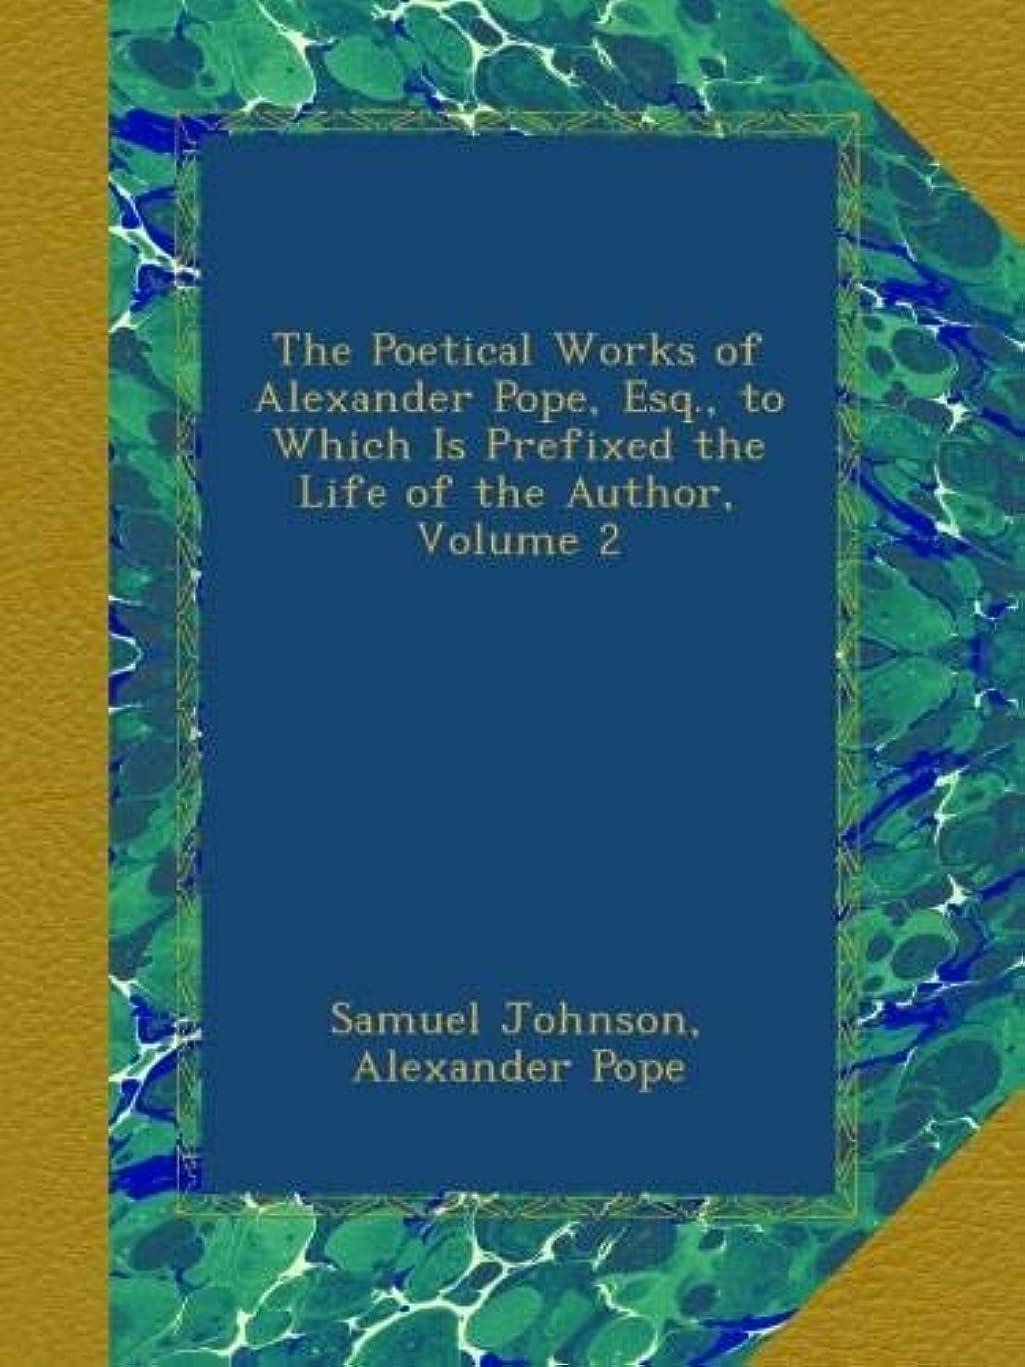 定常アクロバット横The Poetical Works of Alexander Pope, Esq., to Which Is Prefixed the Life of the Author, Volume 2